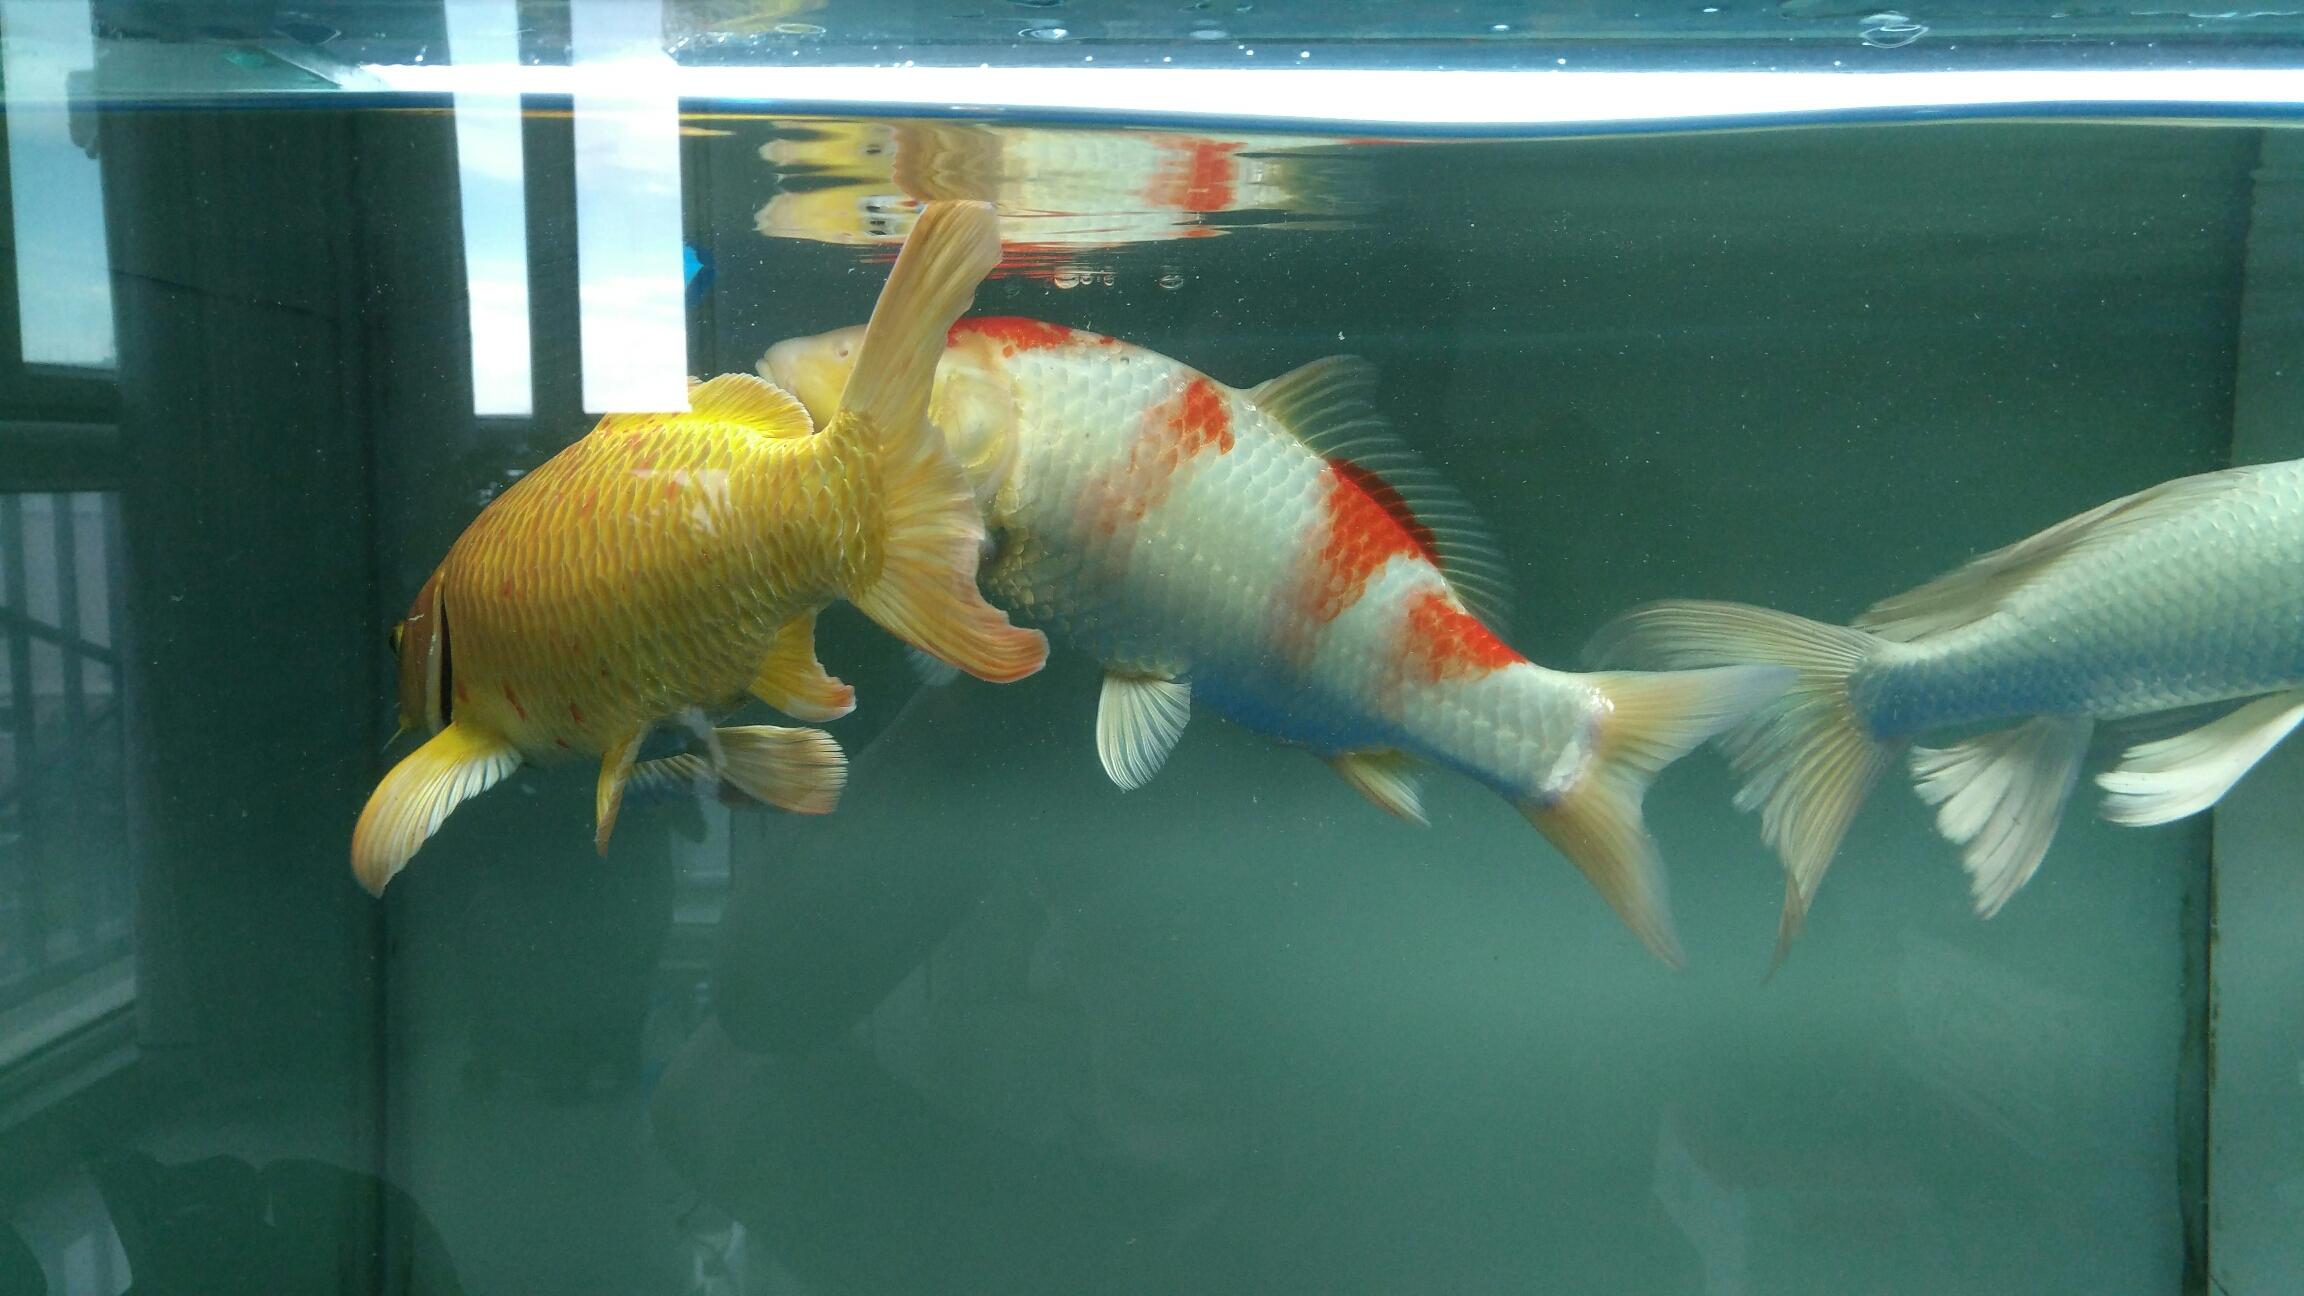 台州女王大帆帮忙看看我的红白锦鲤红色变白怎么回事 台州水族批发市场 台州水族批发市场第4张